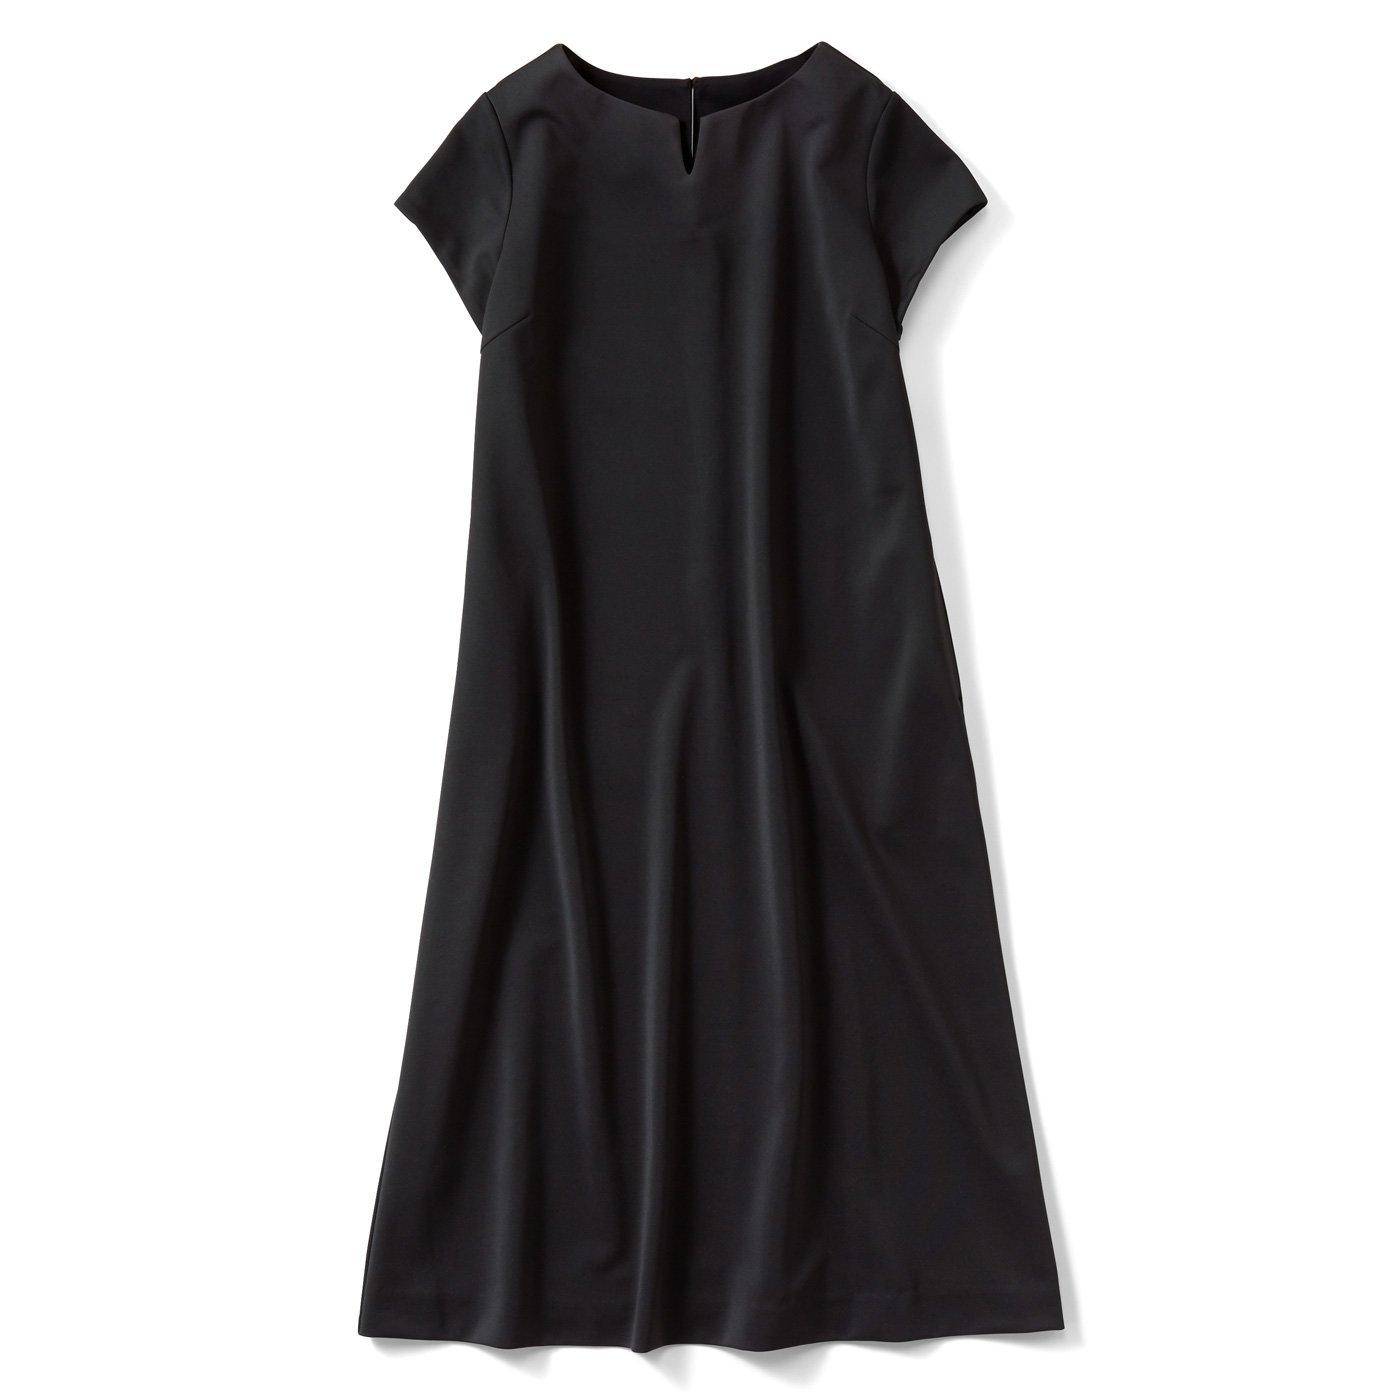 IEDIT[イディット] UVカット&接触冷感で着心地が涼やか 美シルエットの半袖ブラックワンピ